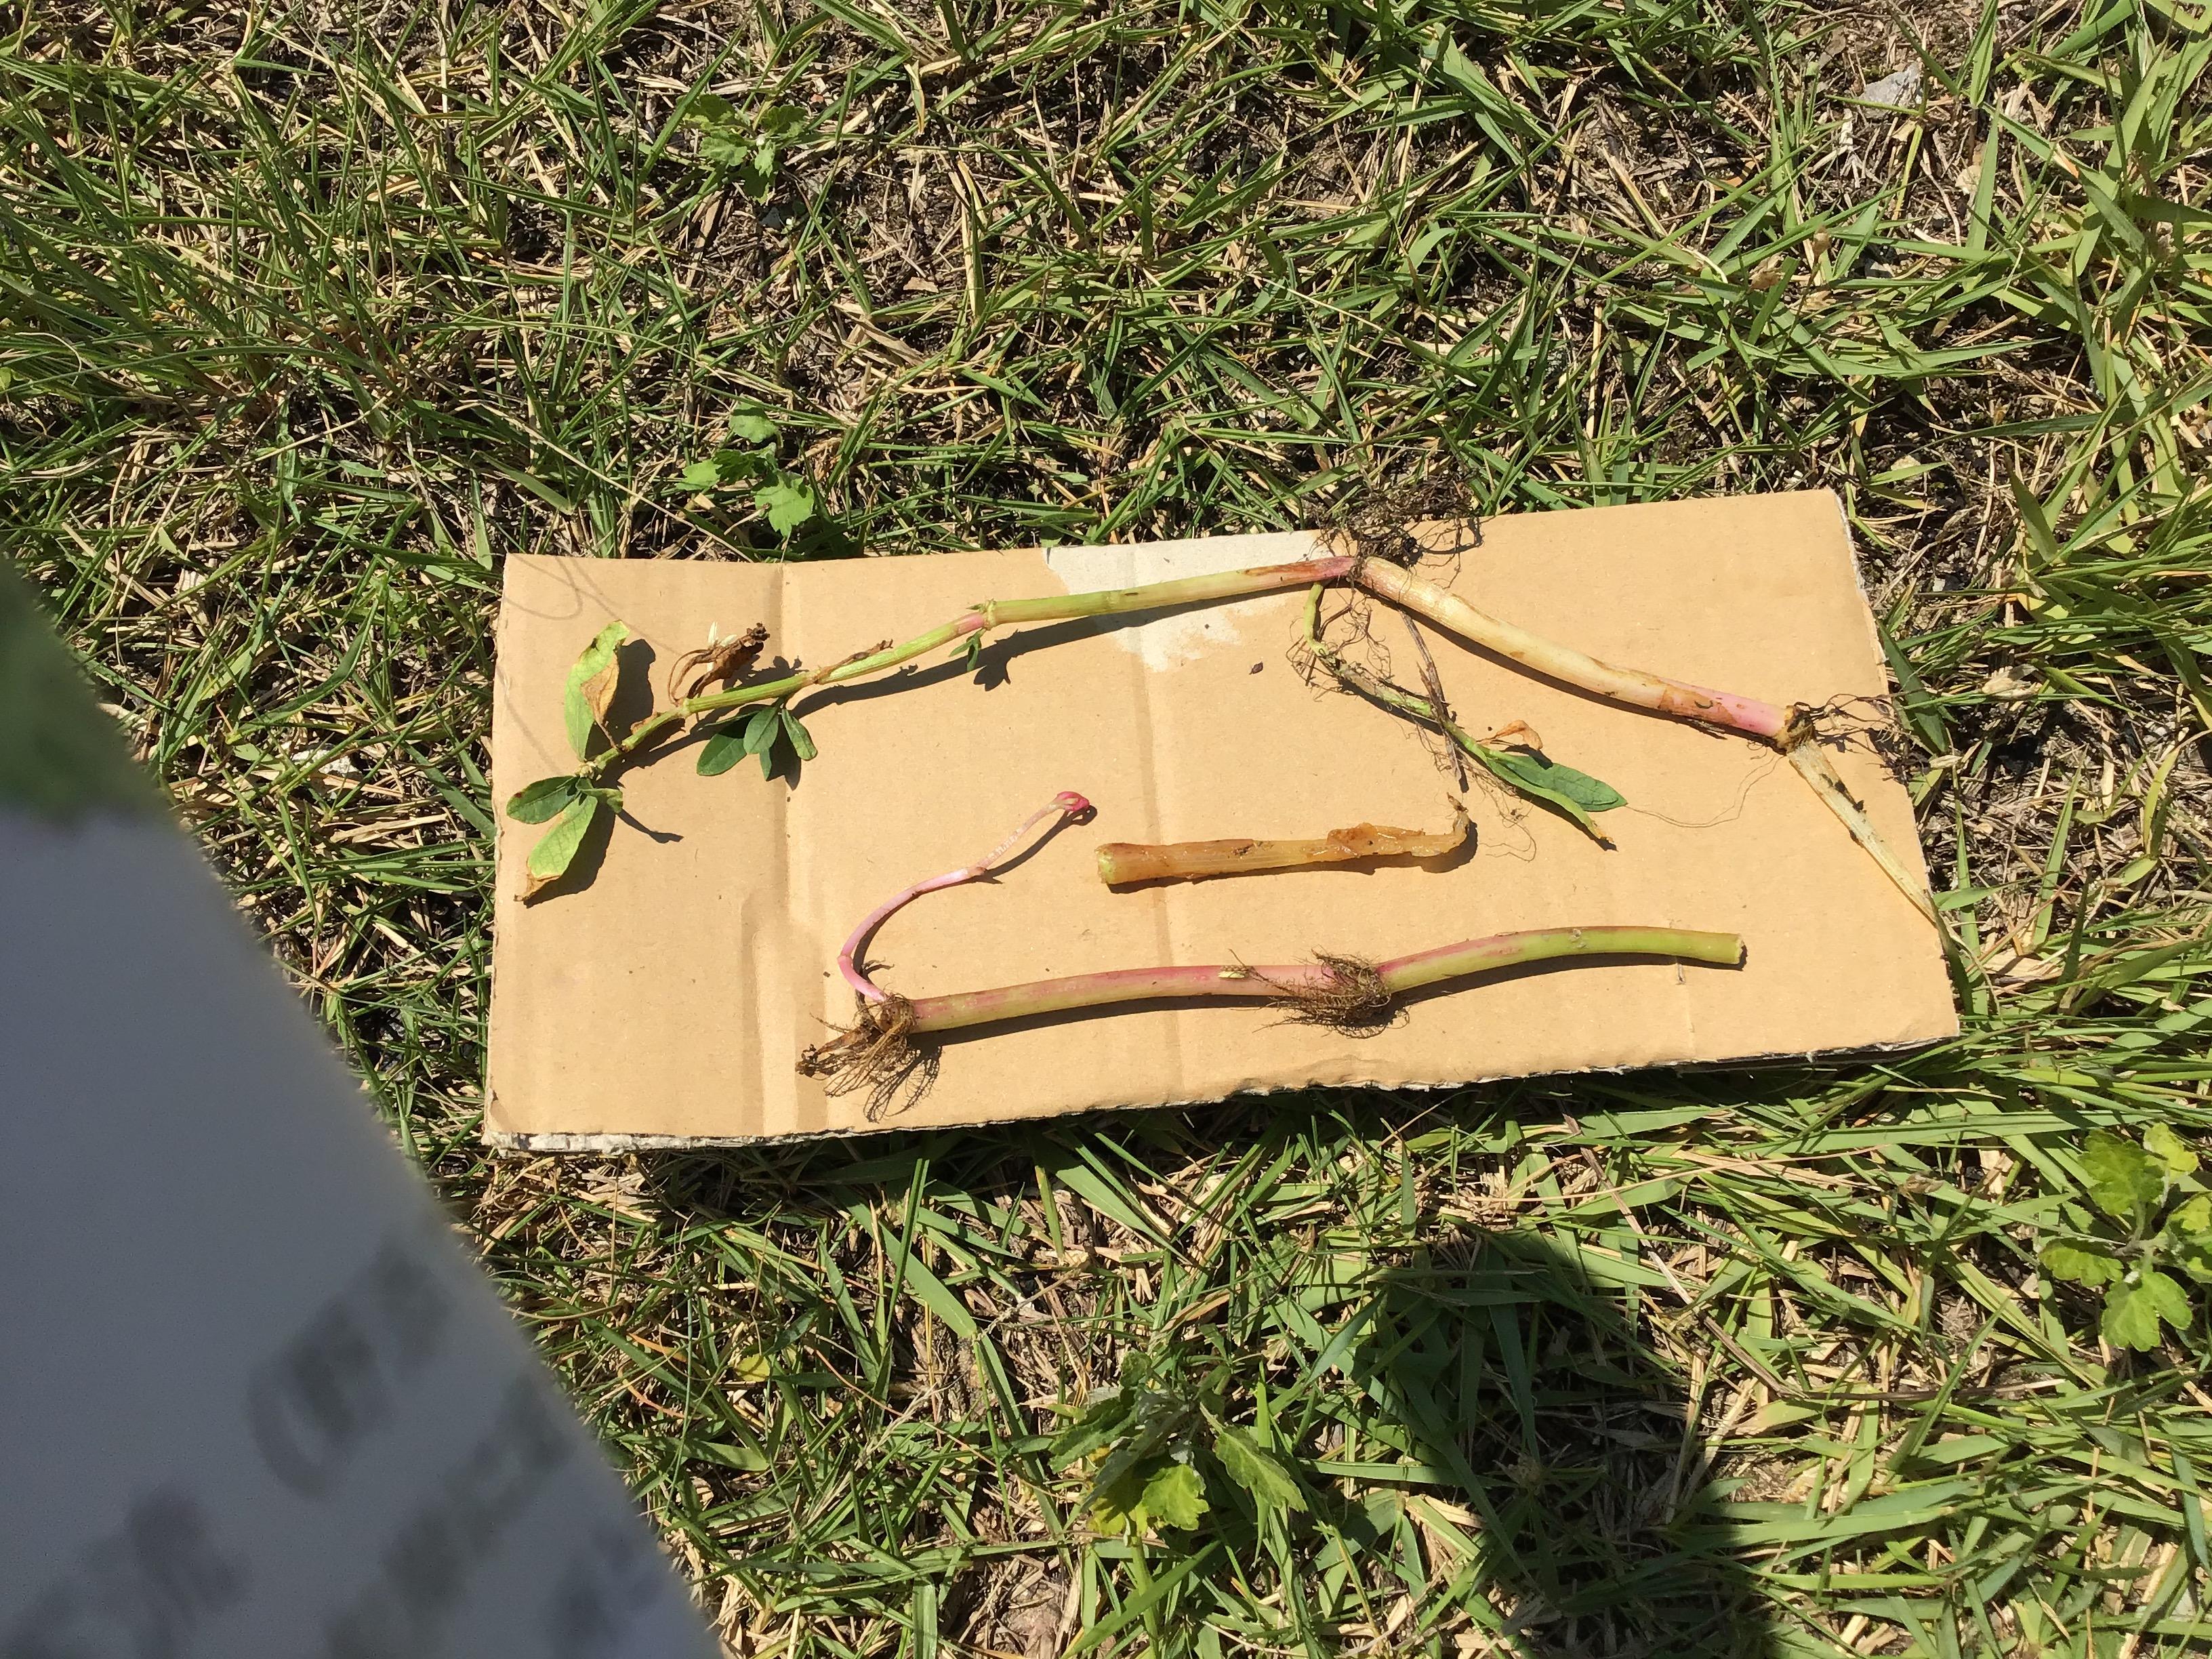 特定外来生物のタガエツルノゲイトウ:兵庫・水辺ネットワークの碓井先生が節や根について説明されました。